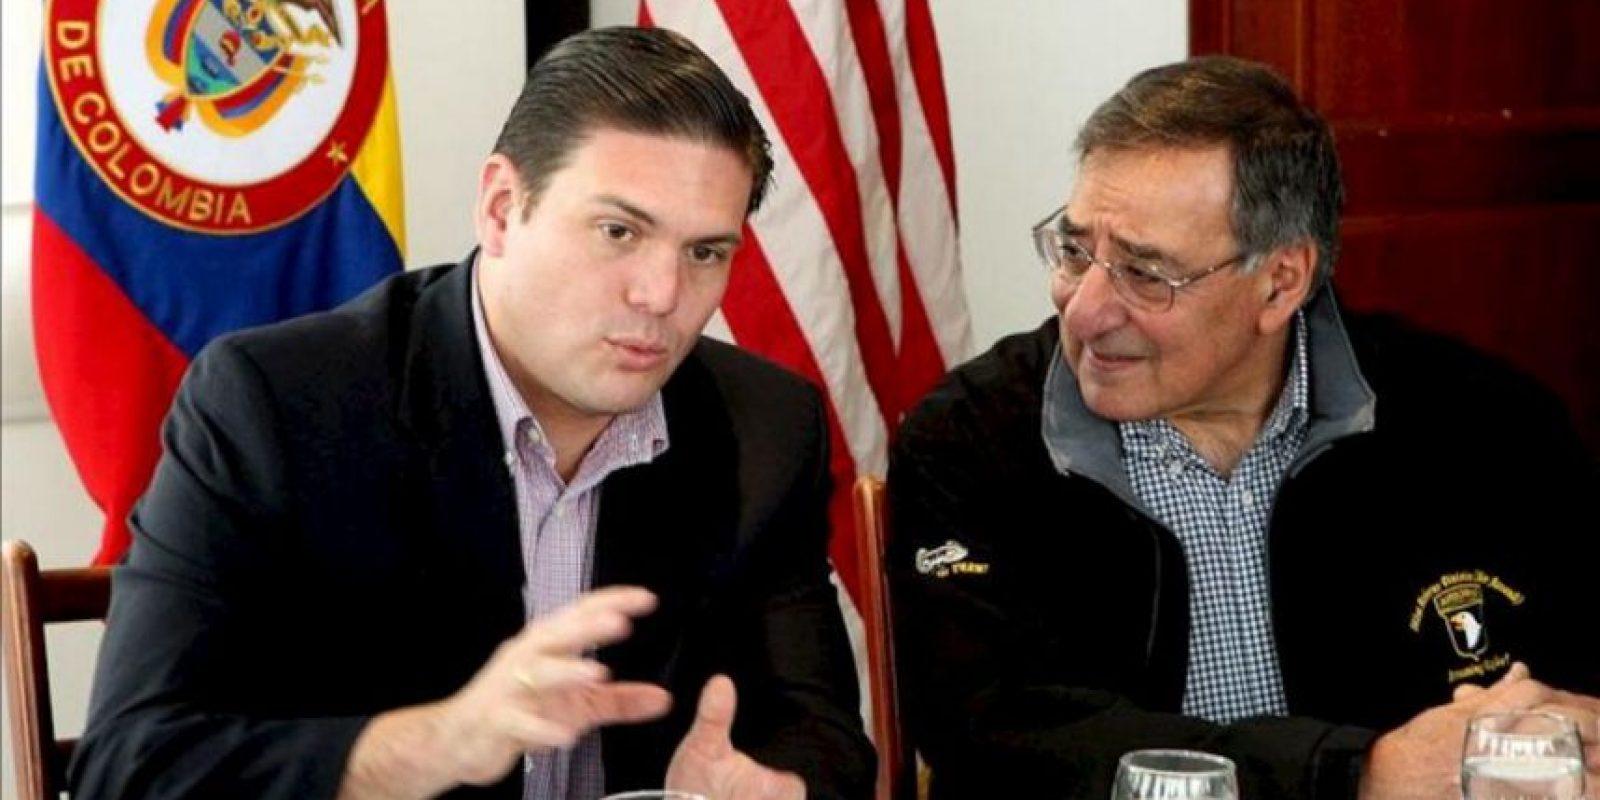 El ministro de Defensa de Colombia, Juan Carlos Pinzón (i), habla con el secretario de Defensa de EEUU, Leon Panetta (d), en el aeropuerto militar de Bogotá (Colombia). EFE